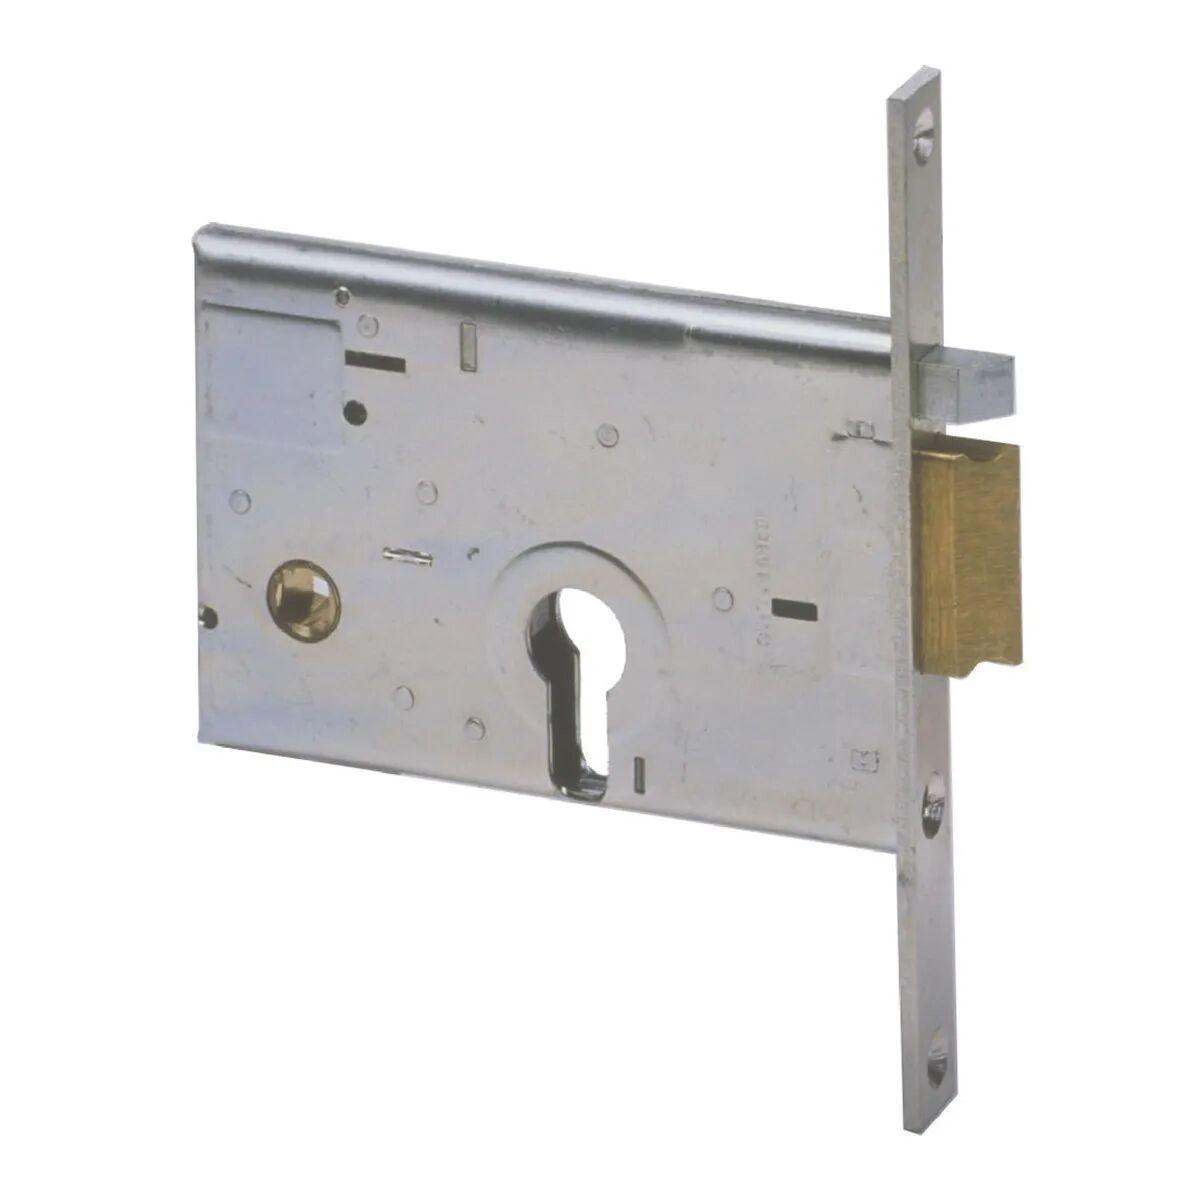 Serratura Elettrica Cisa Ad Infilare Cilindro Sagomato E60 Mm Dx Per Fasce In Alluminio